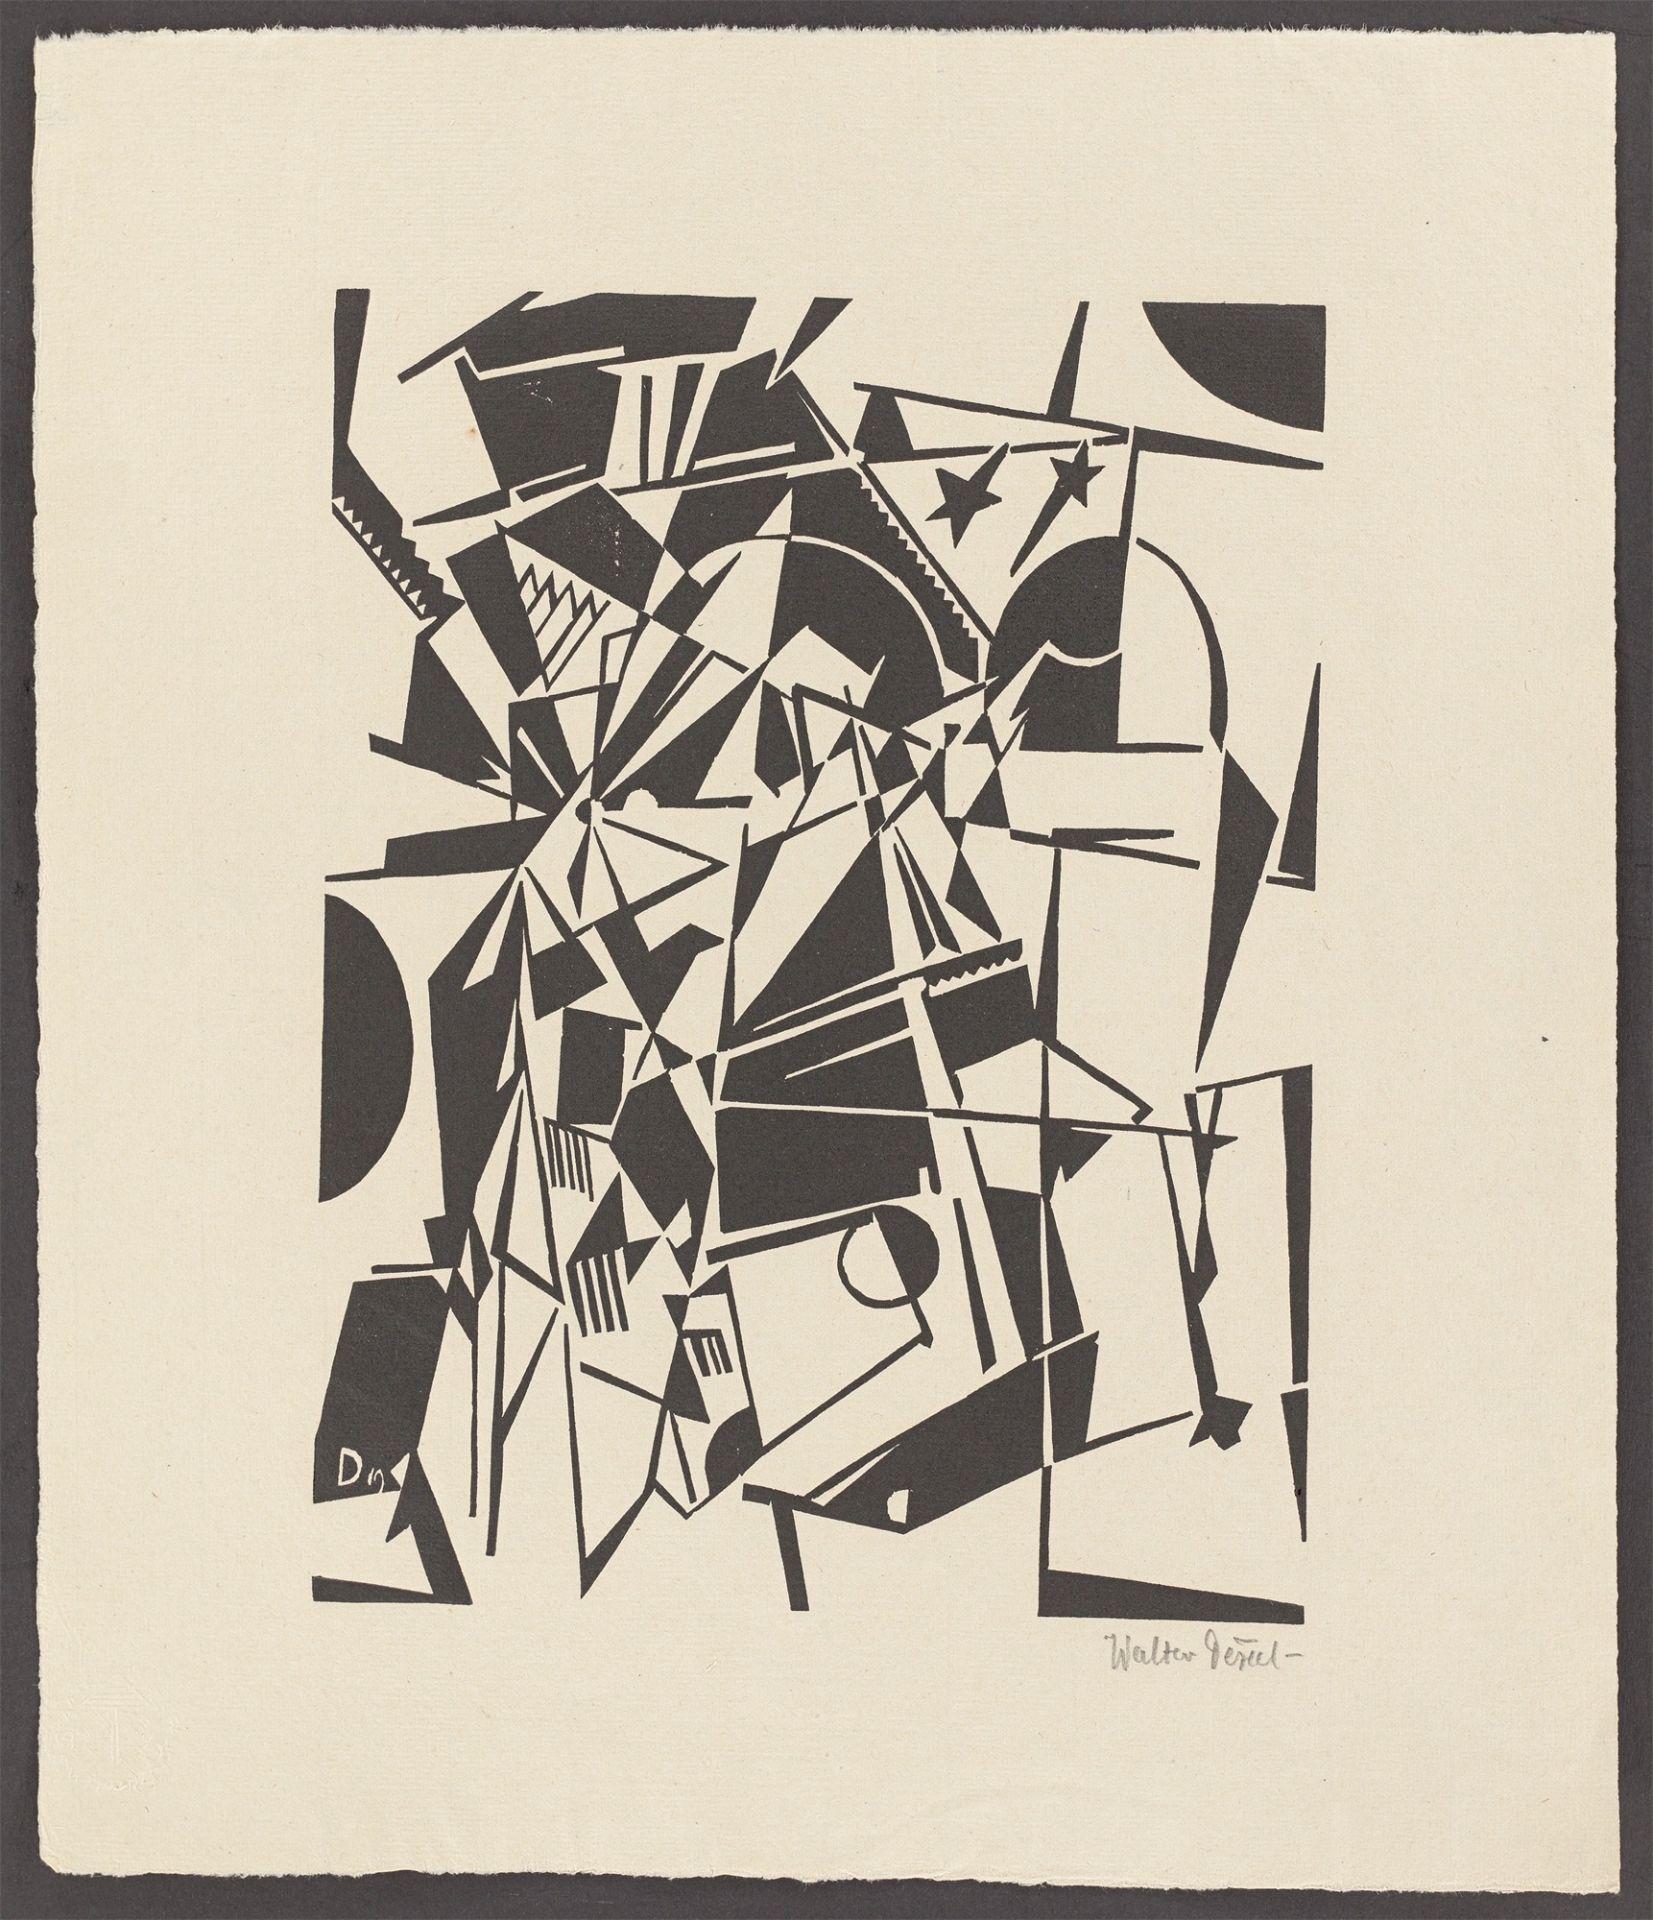 """Walter Dexel. """"Sternenbrücke (Abstrakte Komposition)"""". 1919/21 - Image 2 of 3"""